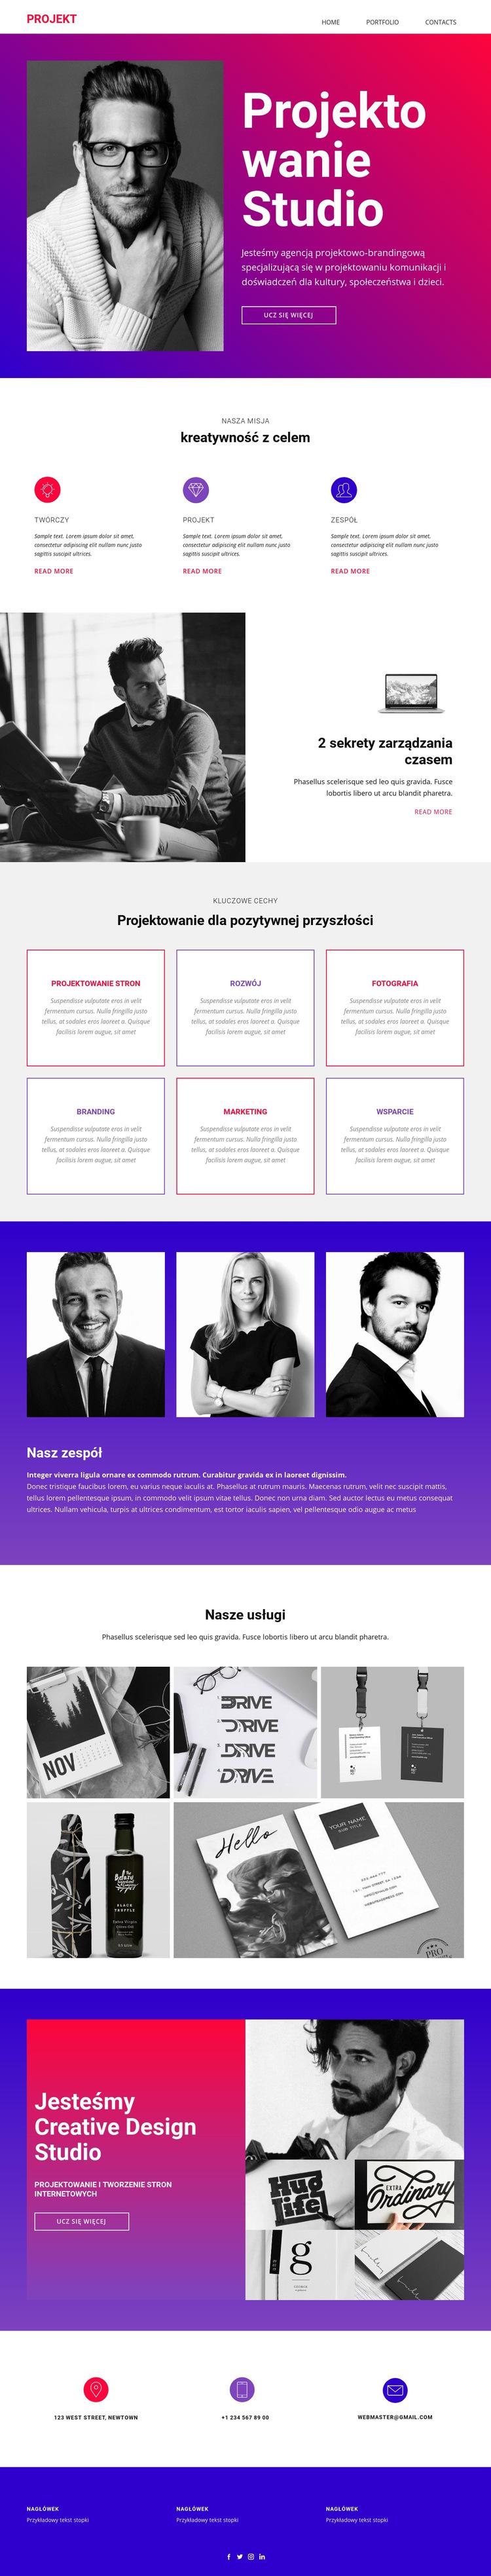 Sztuka projektowania pozytywnego myślenia Szablon witryny sieci Web